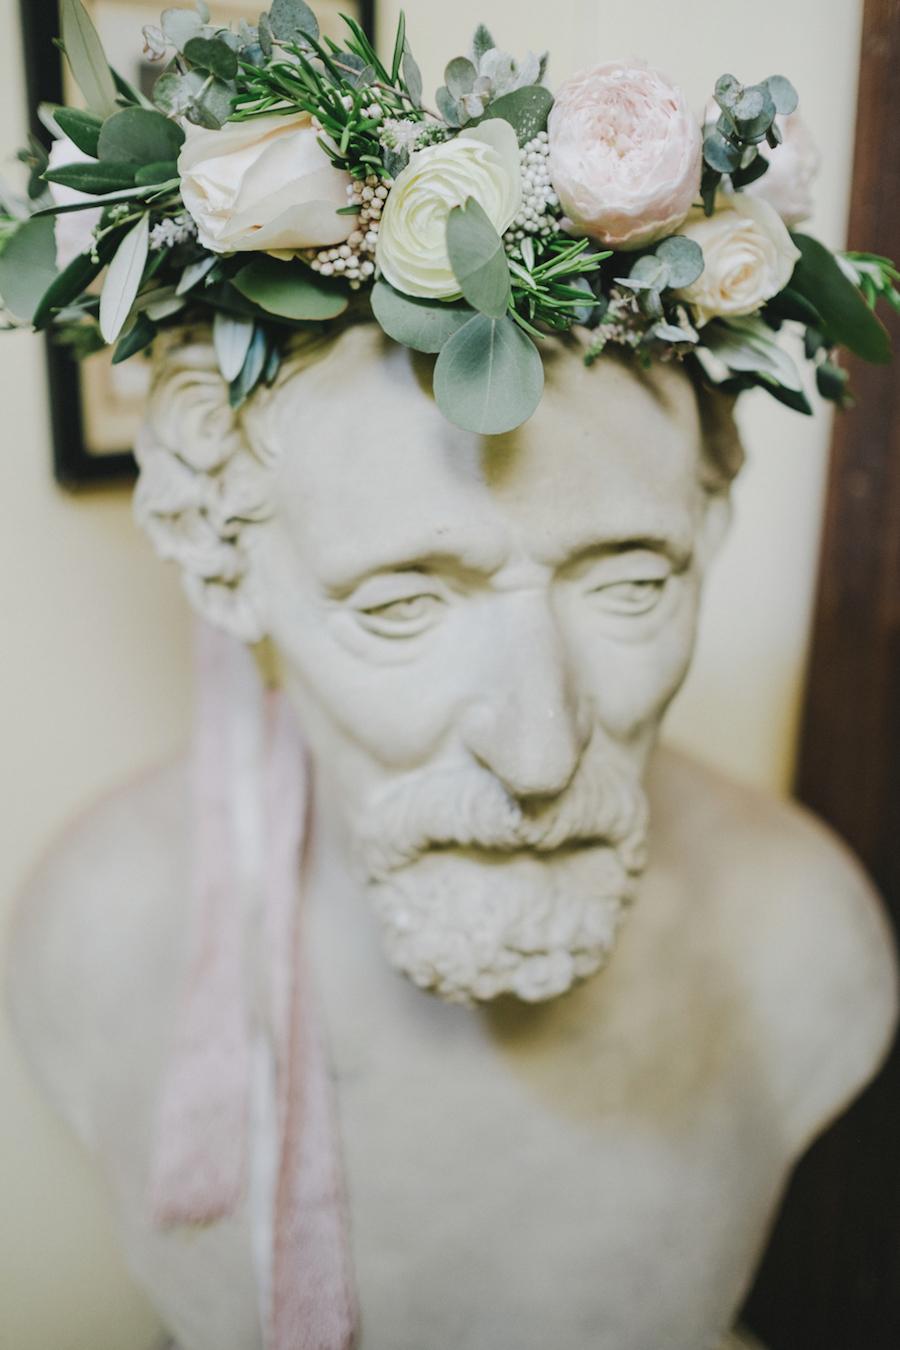 coroncina floreale con ranuncoli, rose ed eucalipto